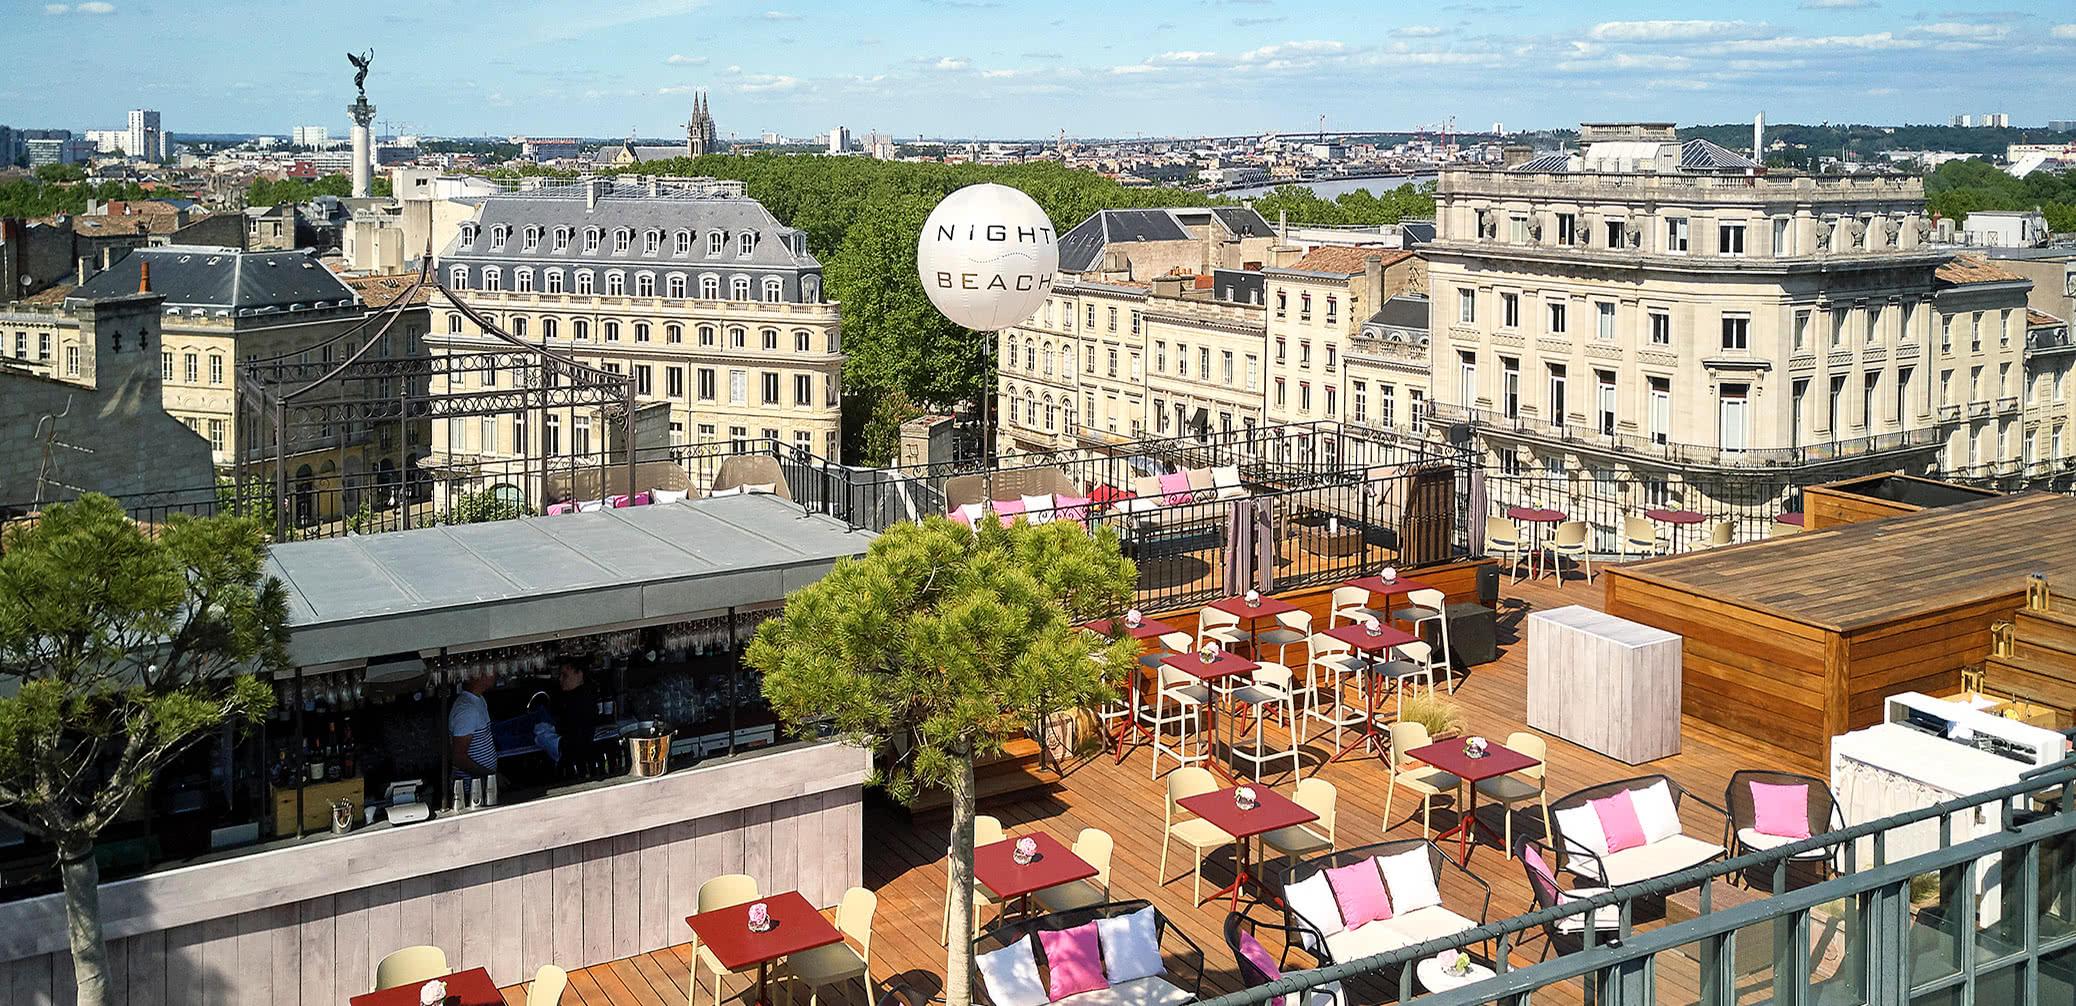 Best InterContinental Hotels For A Weekend Break